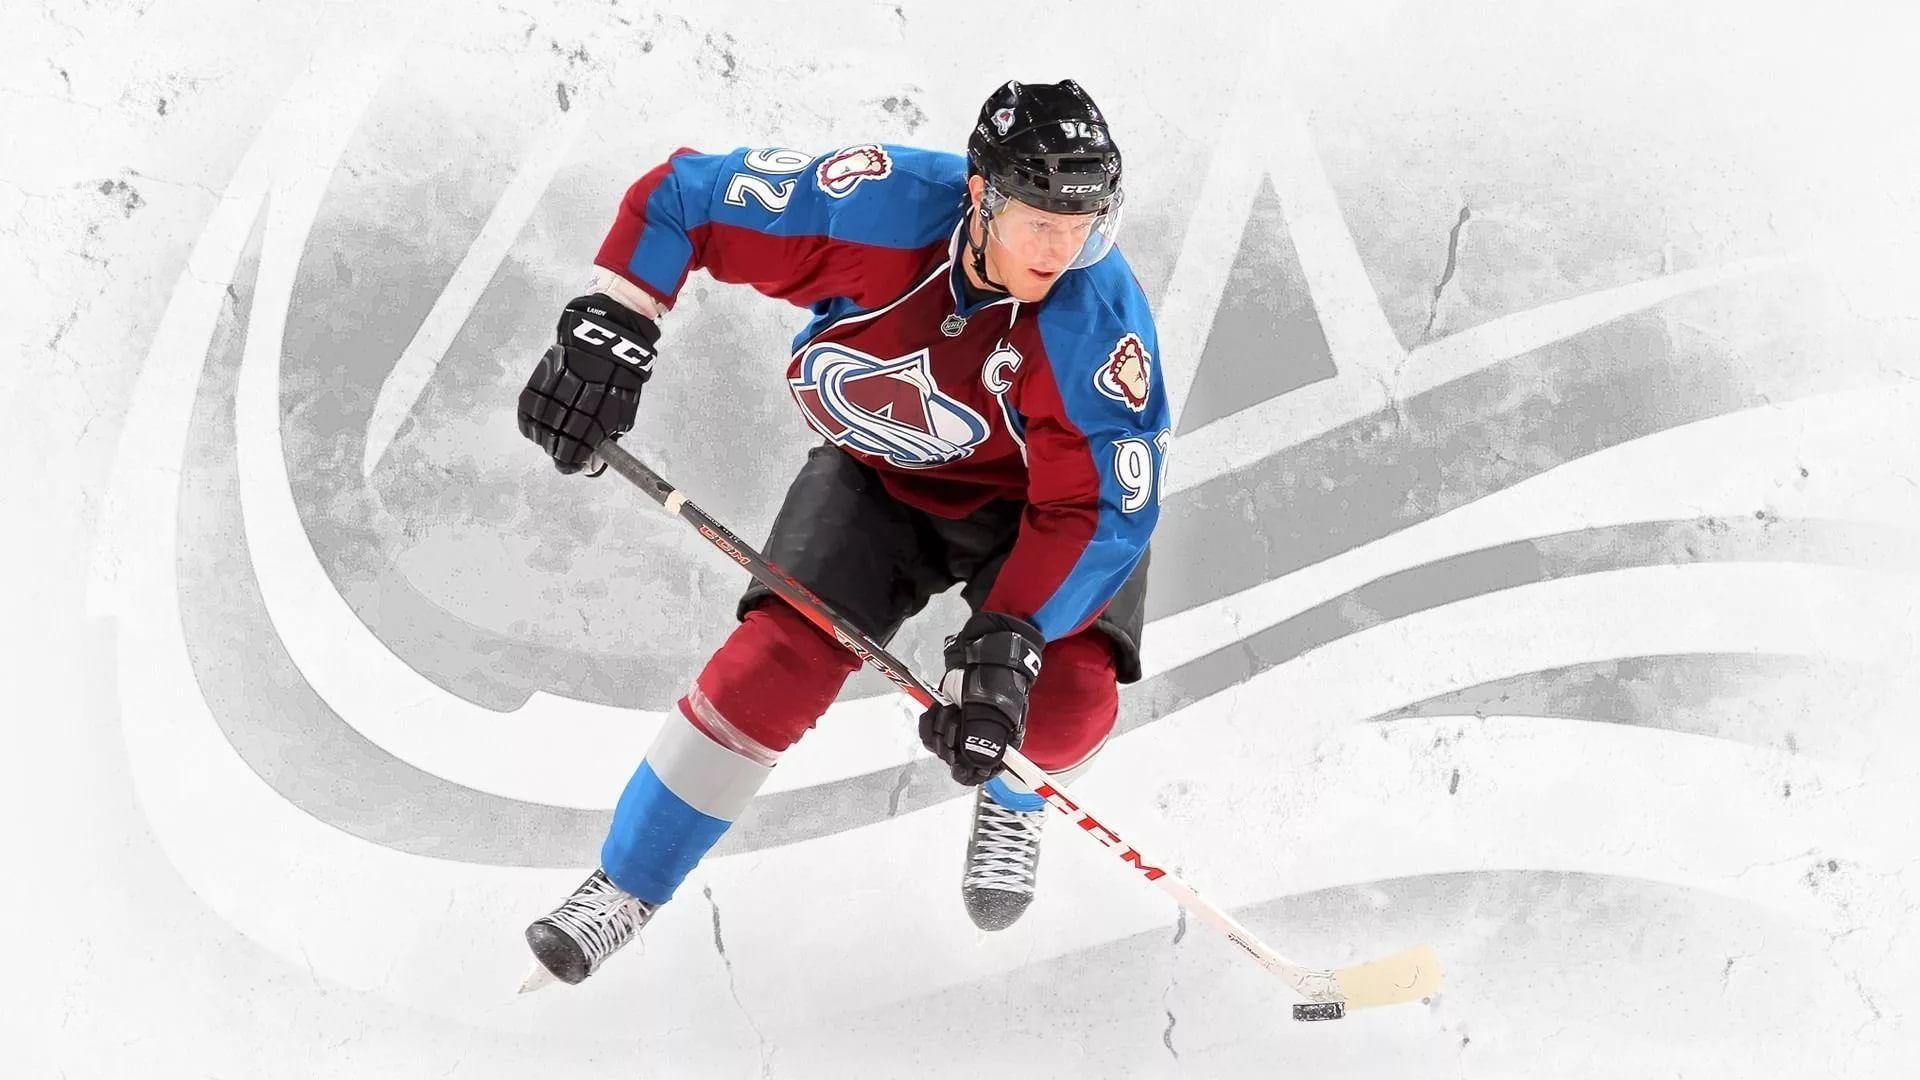 Ice Hockey full hd wallpaper